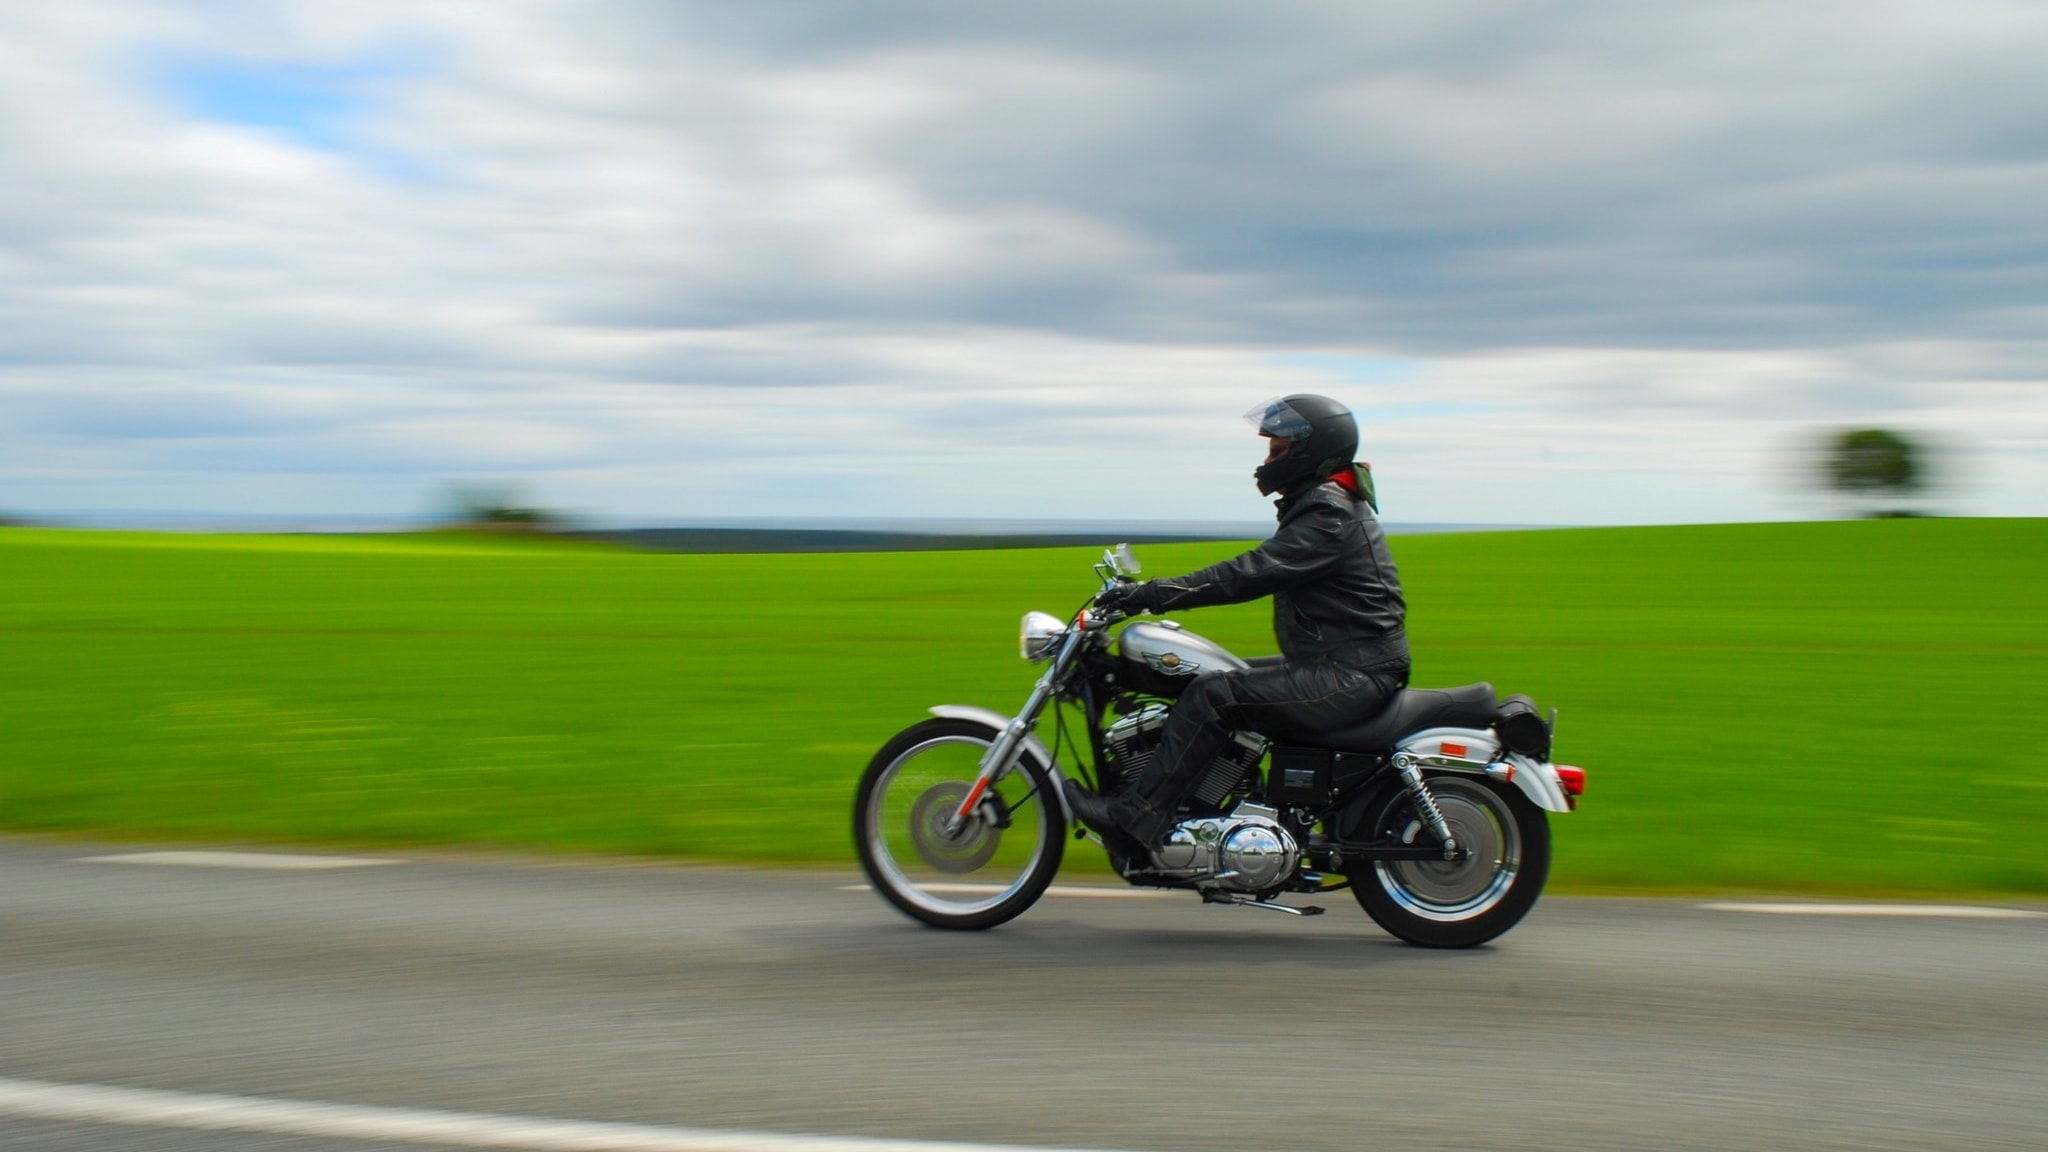 Andra kan råka illa ut men knappast jag, väl? Programledaren på motorcykel.